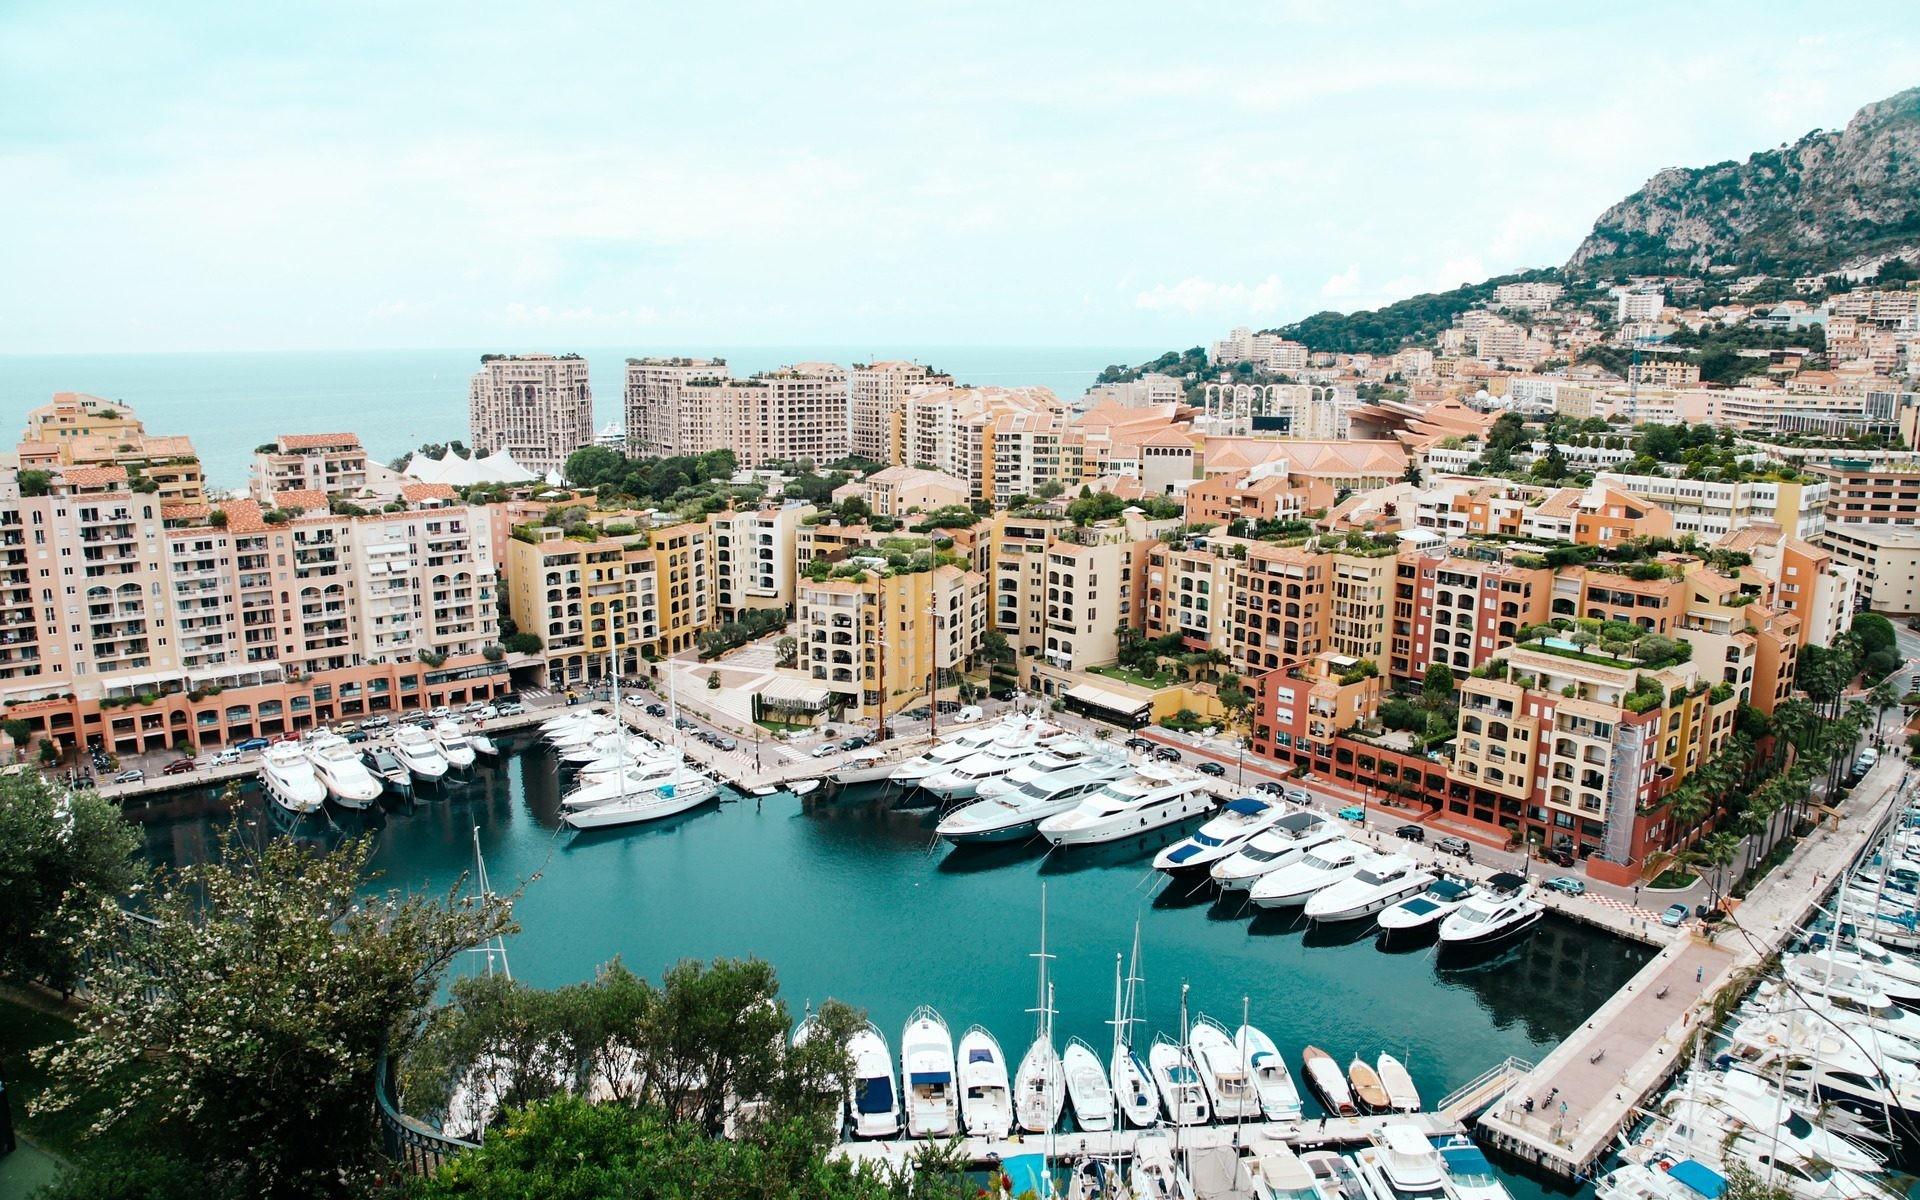 Res: 1920x1200, Port Monaco Luxury Mediterranean Desktop Wallpapers | Computer Background  Images